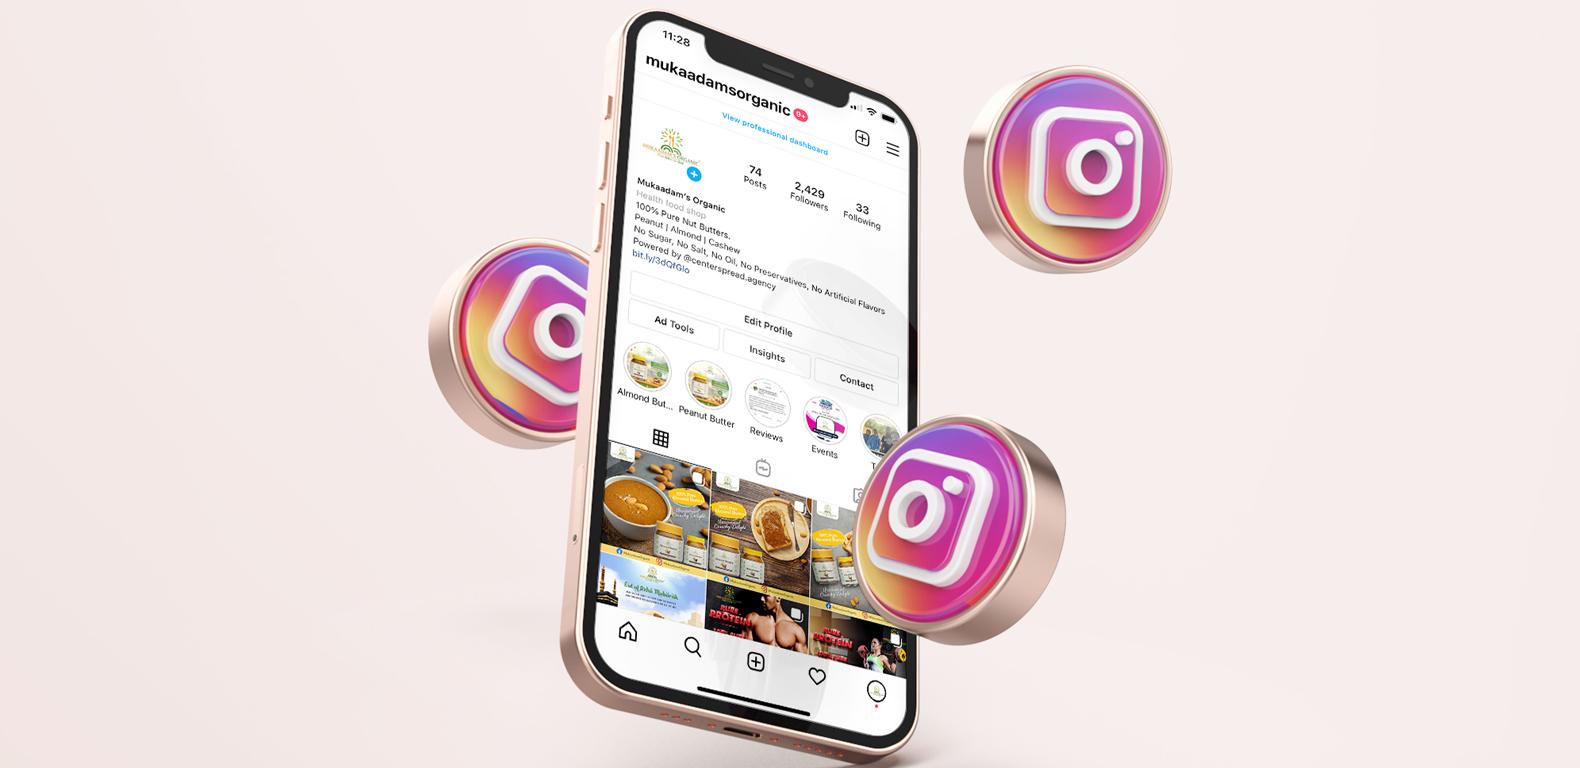 social-media-marketing-mukaadams-organic-Instagram-posts-1